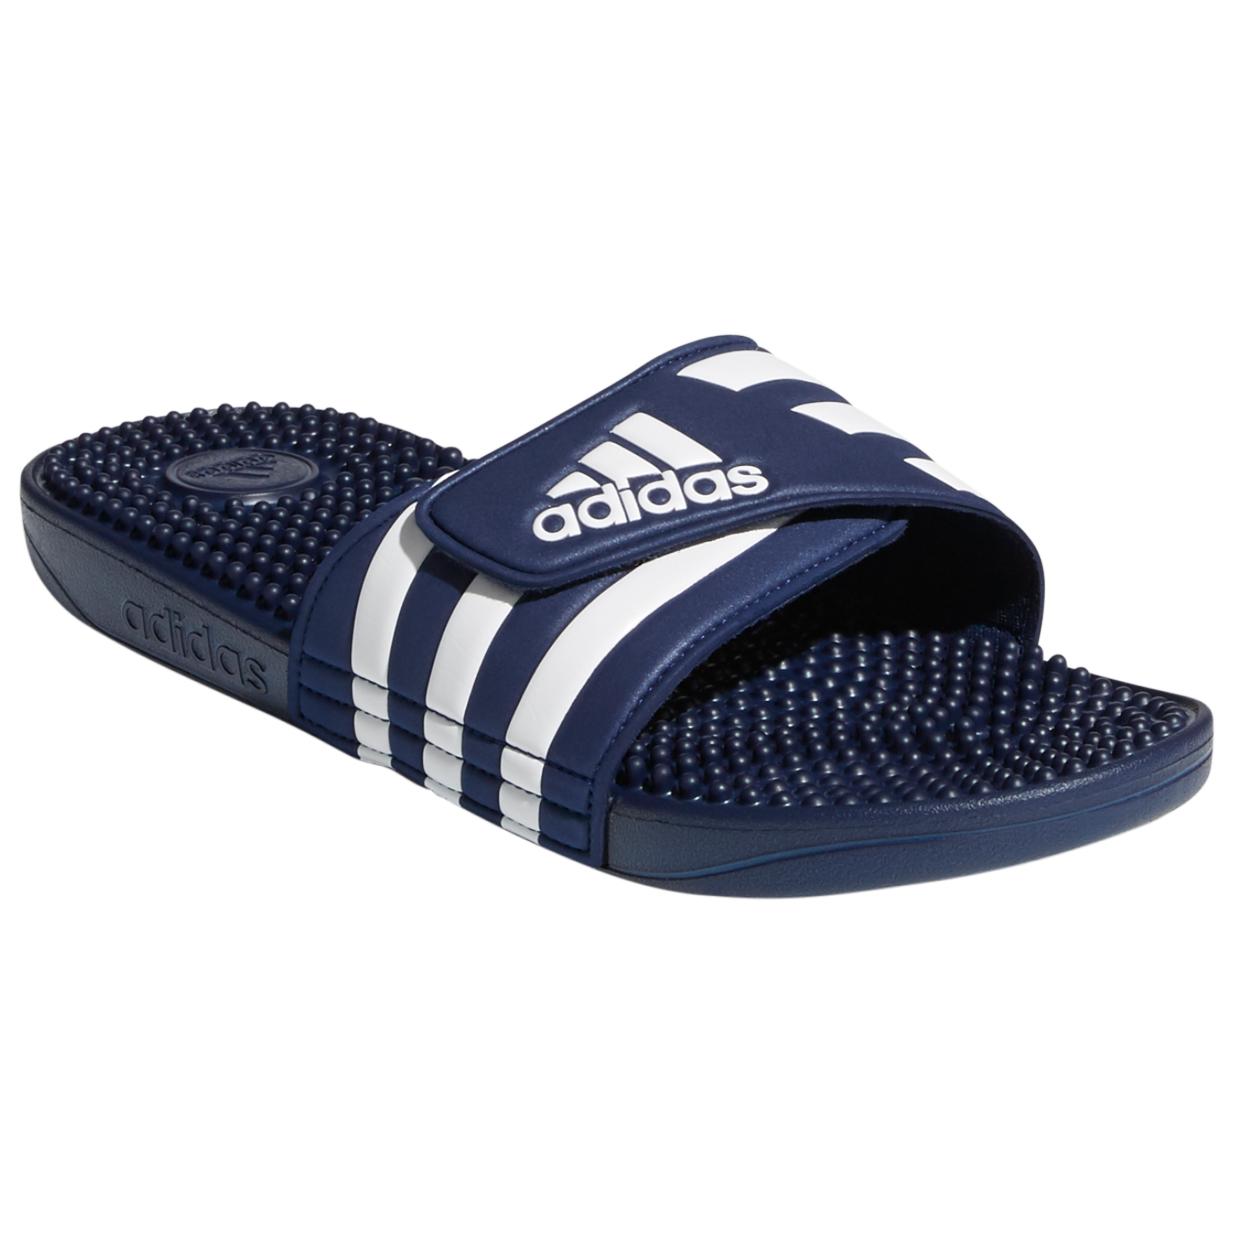 595f8b498e59a2 Adidas Adissage - Sandalen Herren online kaufen